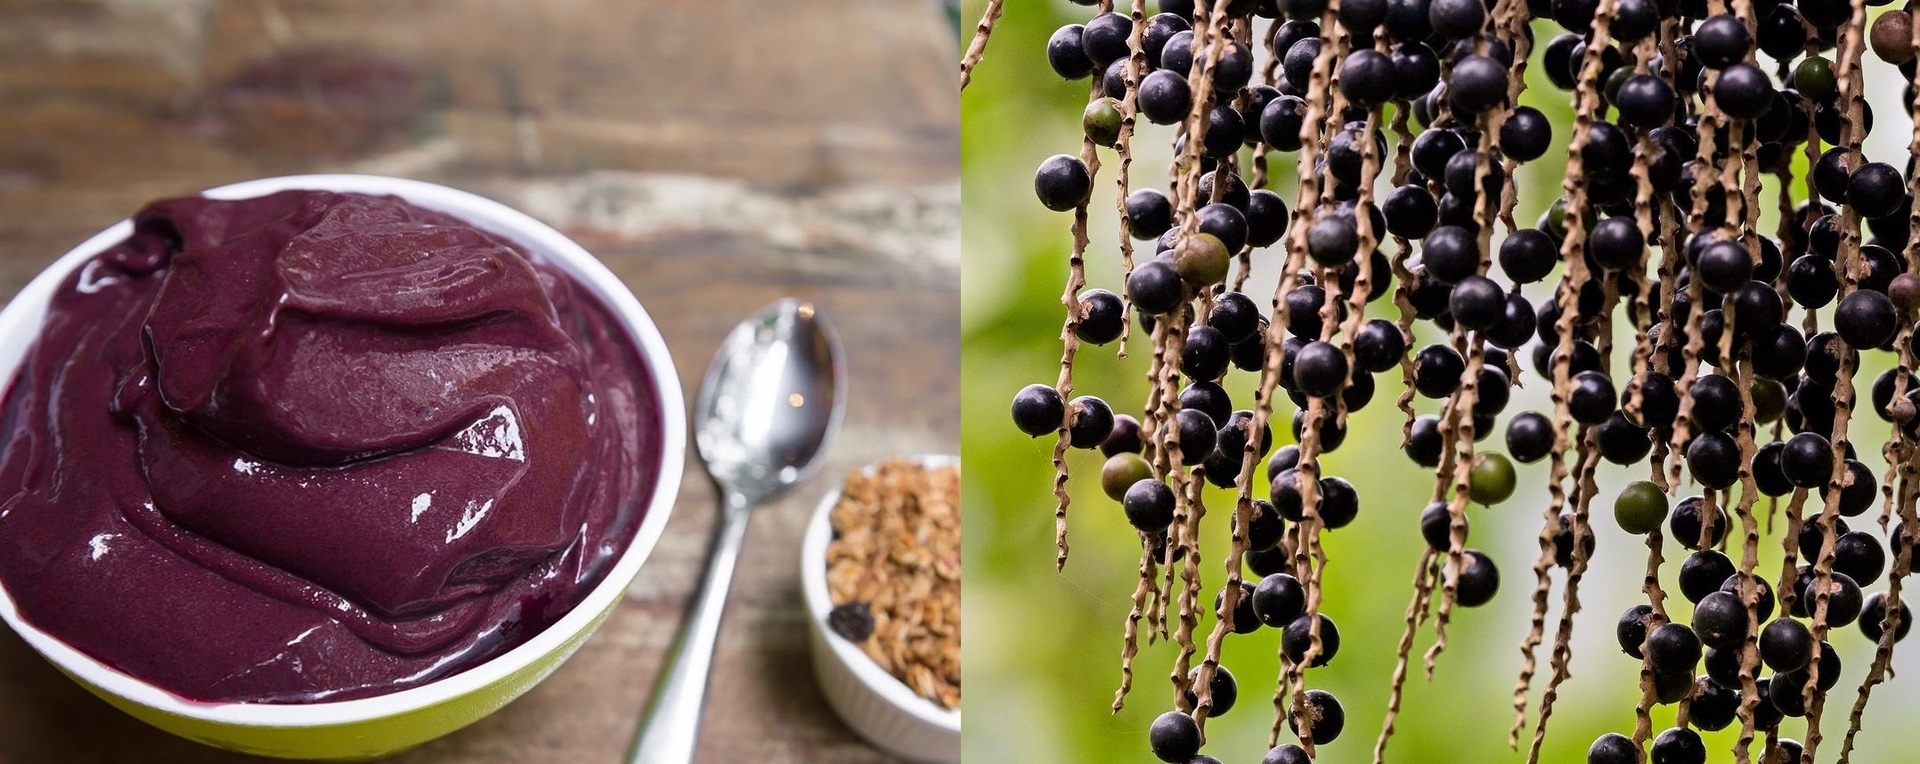 Juçaí tem 50% a mais de ferro e quatro vezes mais propriedades antioxidantes do que o açaí tradicional